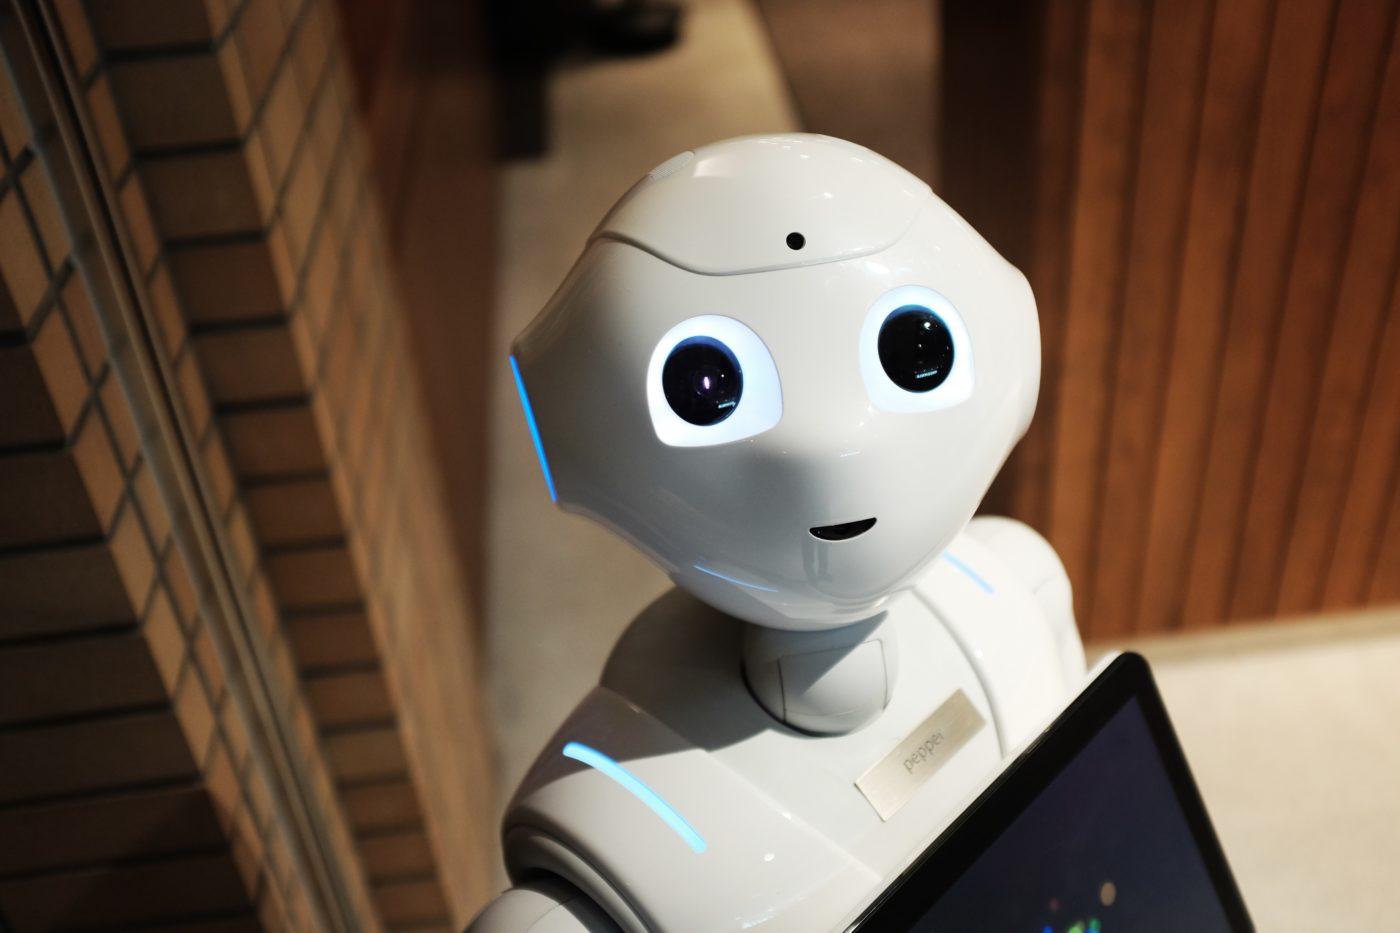 Bedingungsloses Grundeinkommen als Antwort auf Automatisierung und Digitalisierung